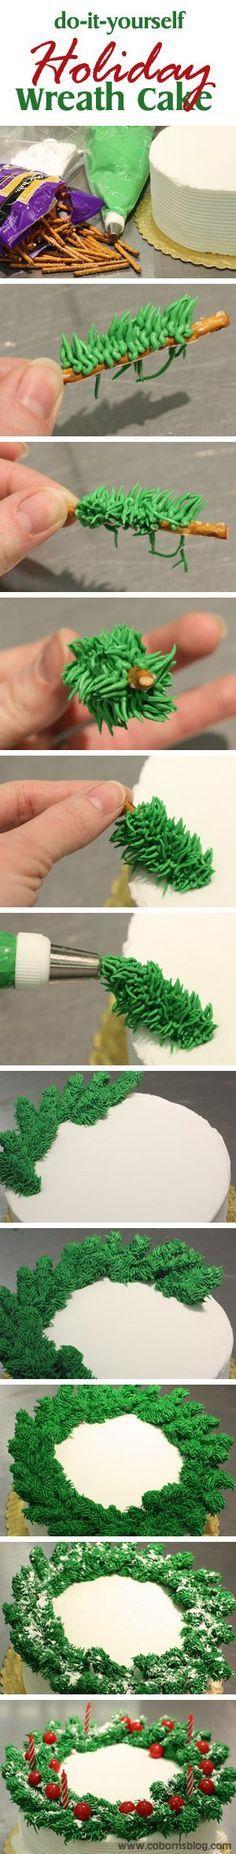 www.cobornsblog.com - DIY Holiday Wreath Cake - Step By Step